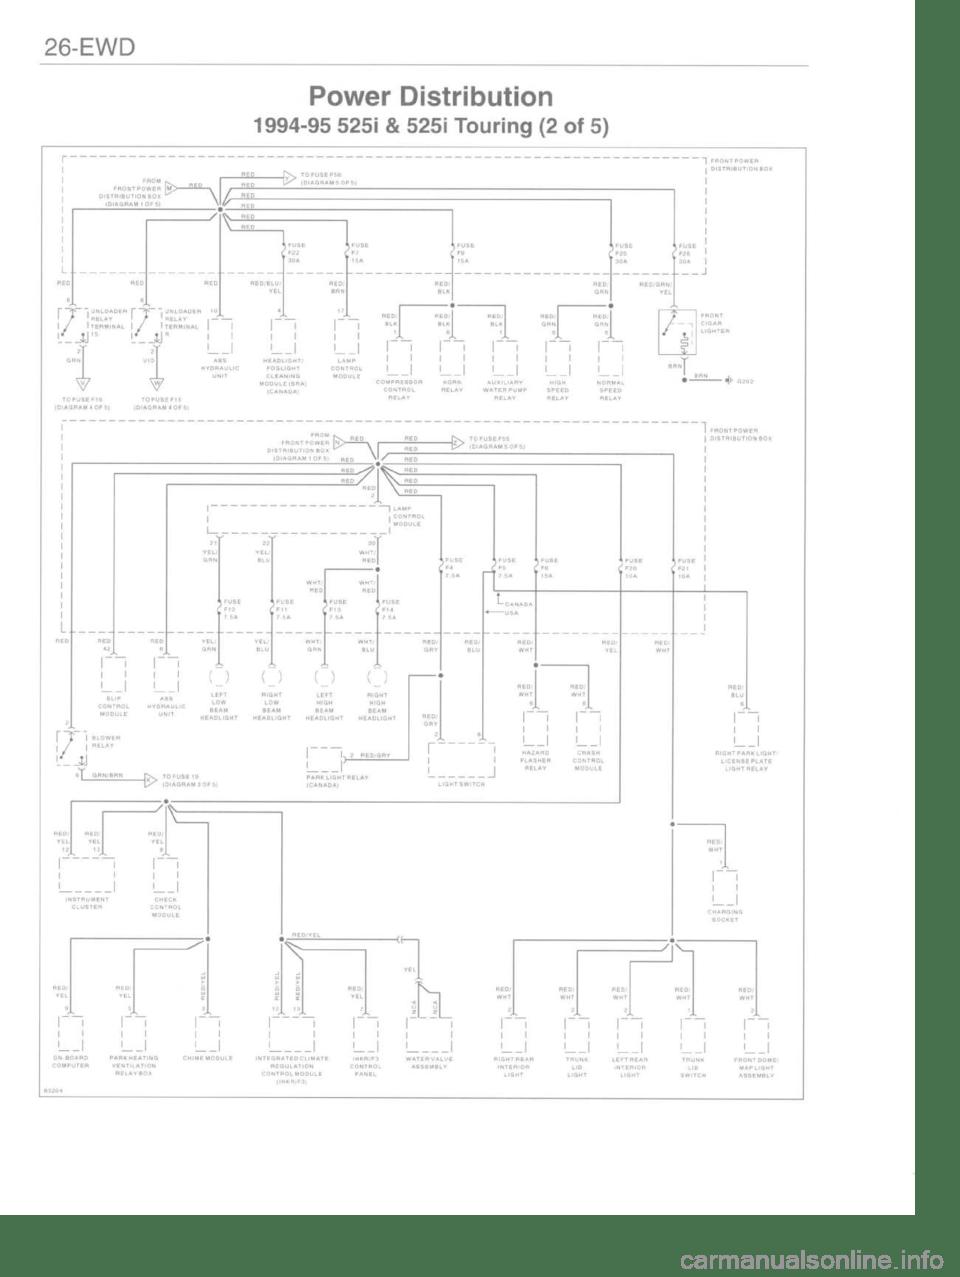 medium resolution of 1985 bmw k100 wiring diagram auto 525i fuse box location 2006 x 3 bmw 525i